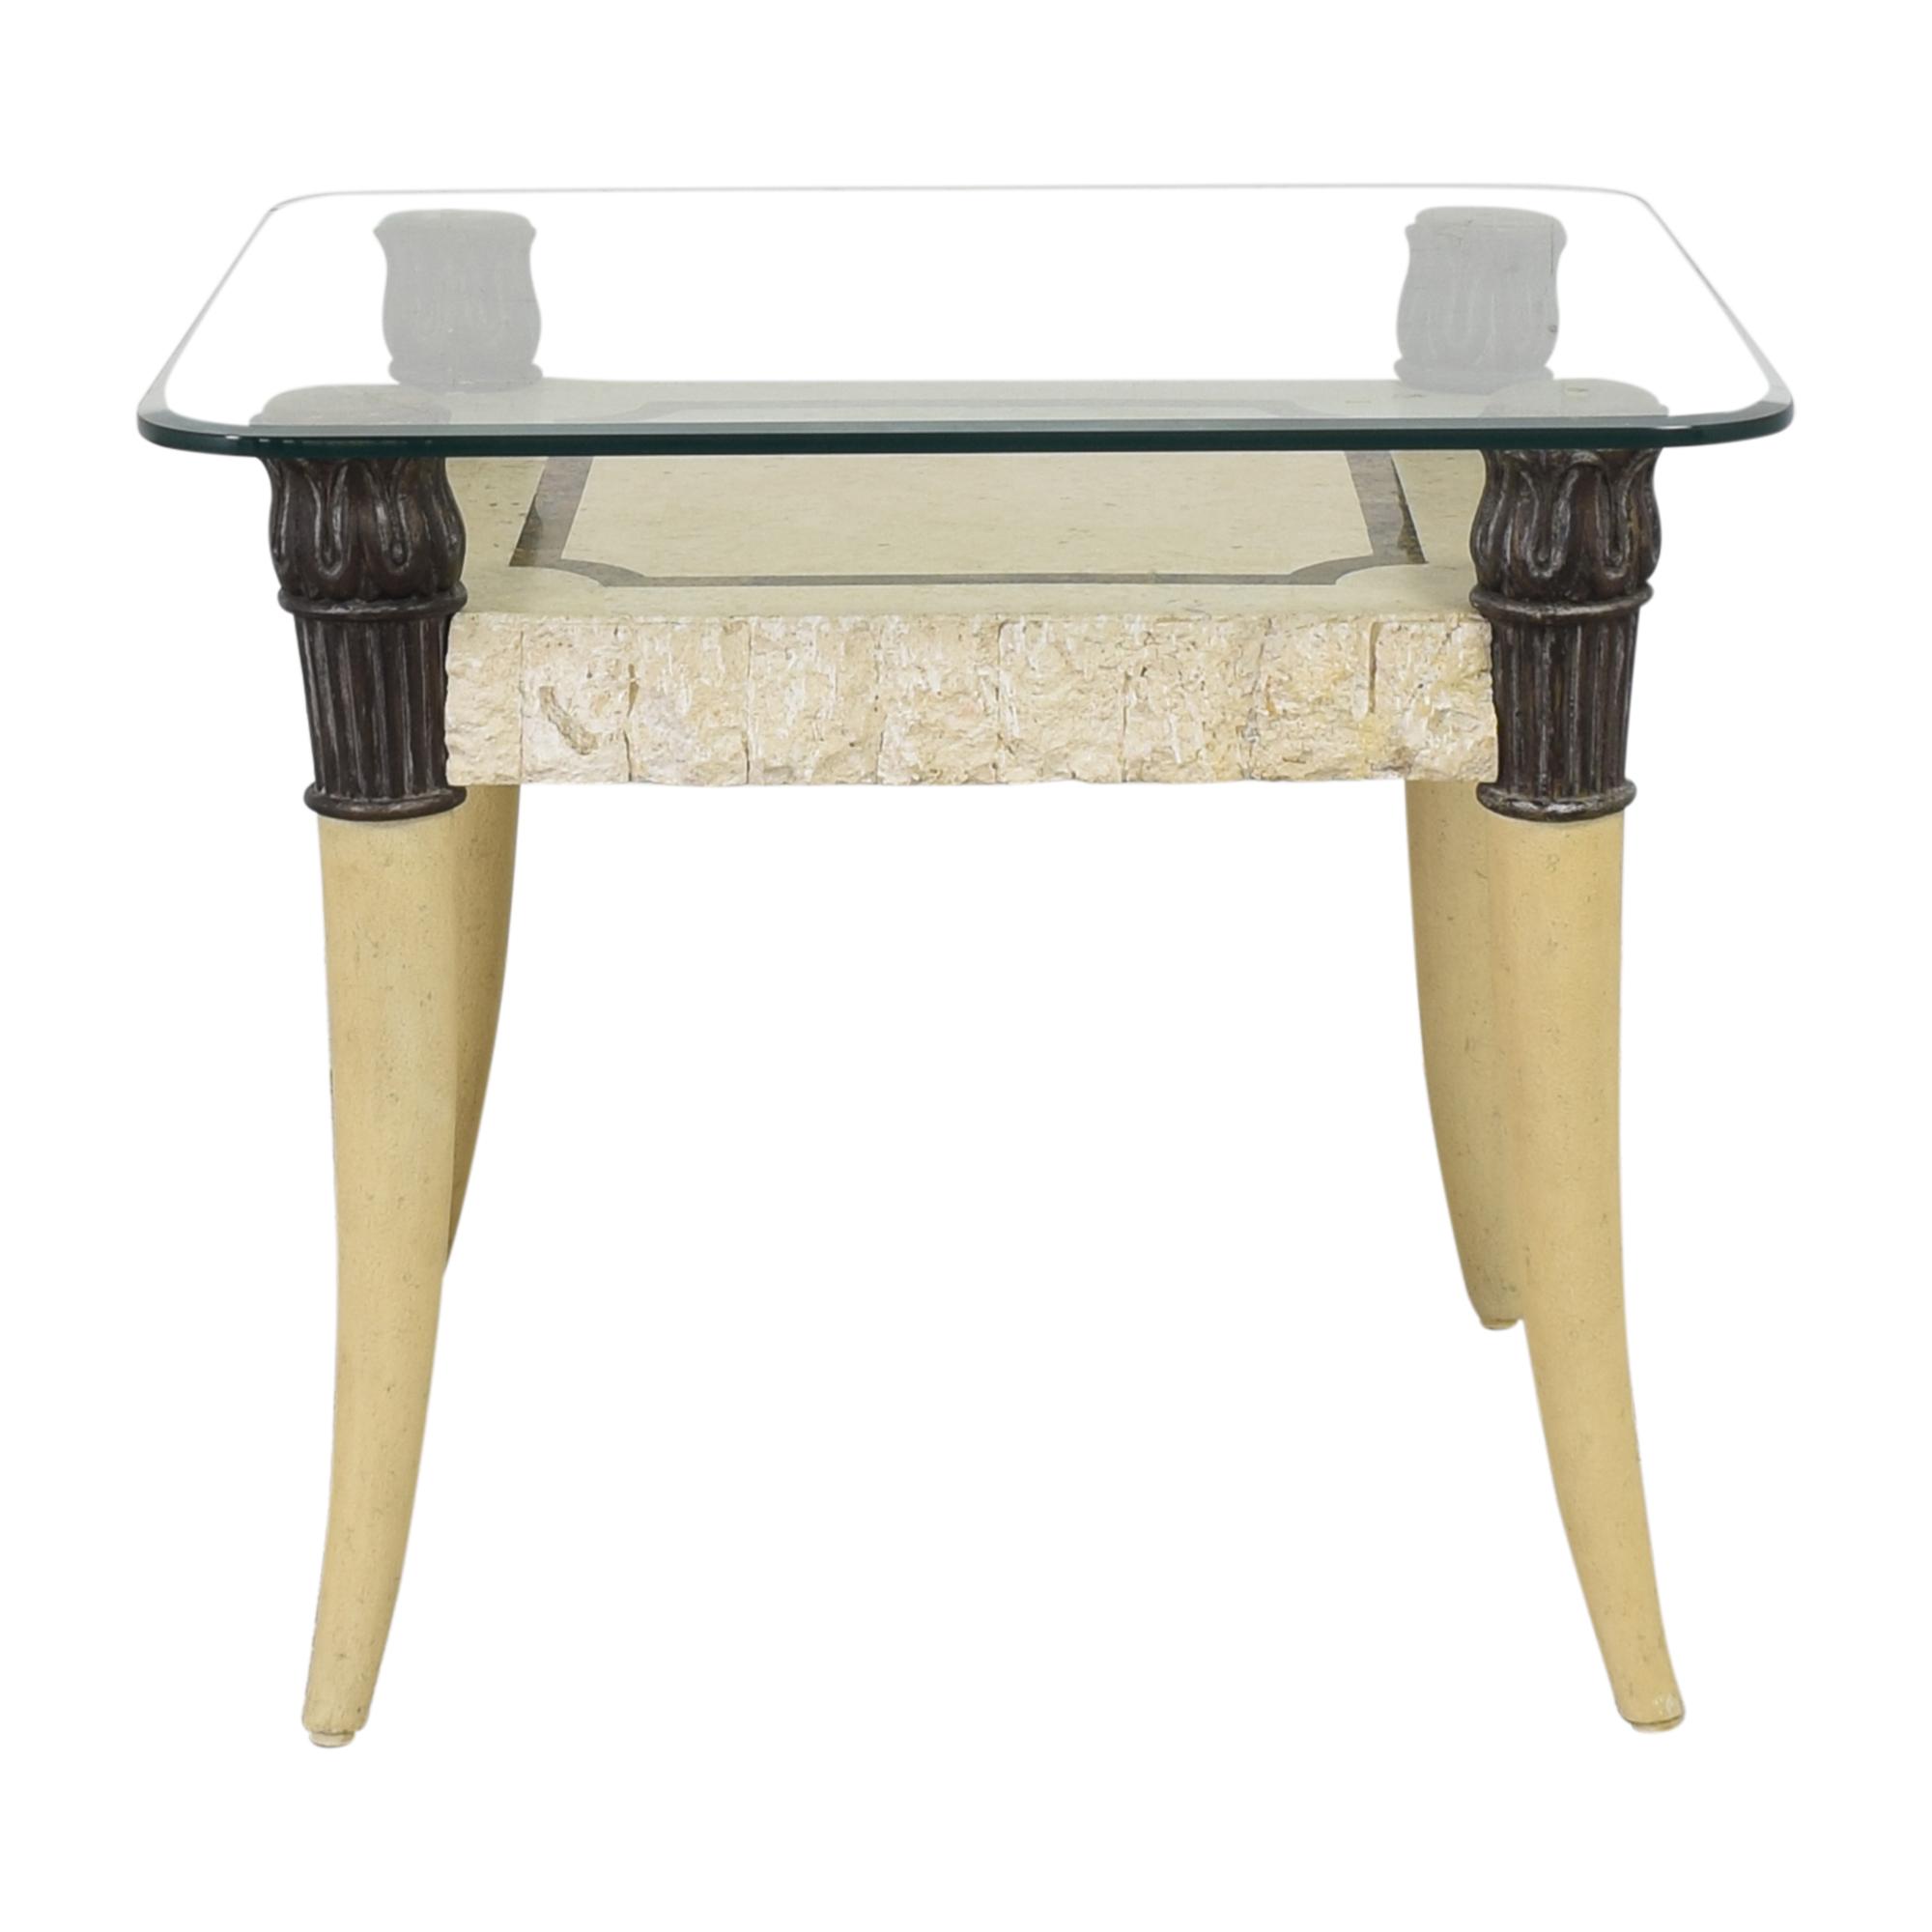 Bernhardt End Table / End Tables